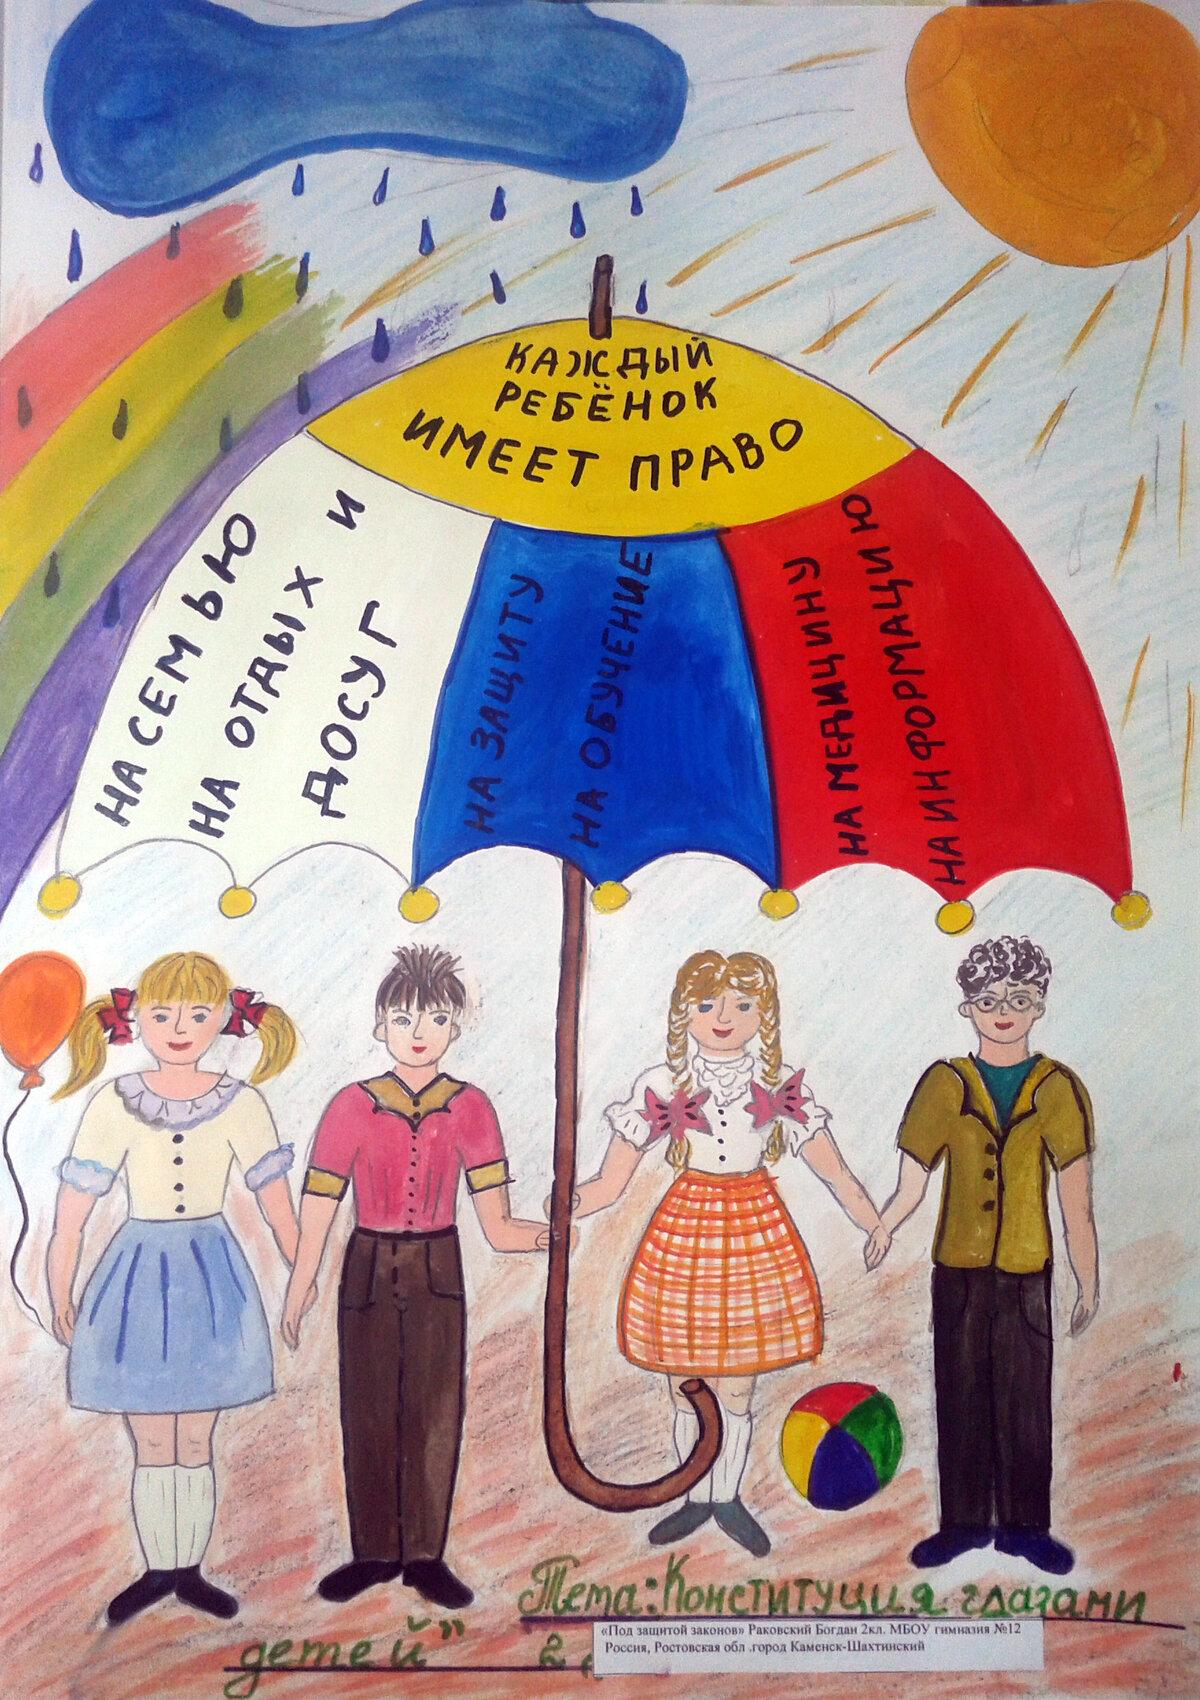 День конституции картинки для детей дошкольного возраста